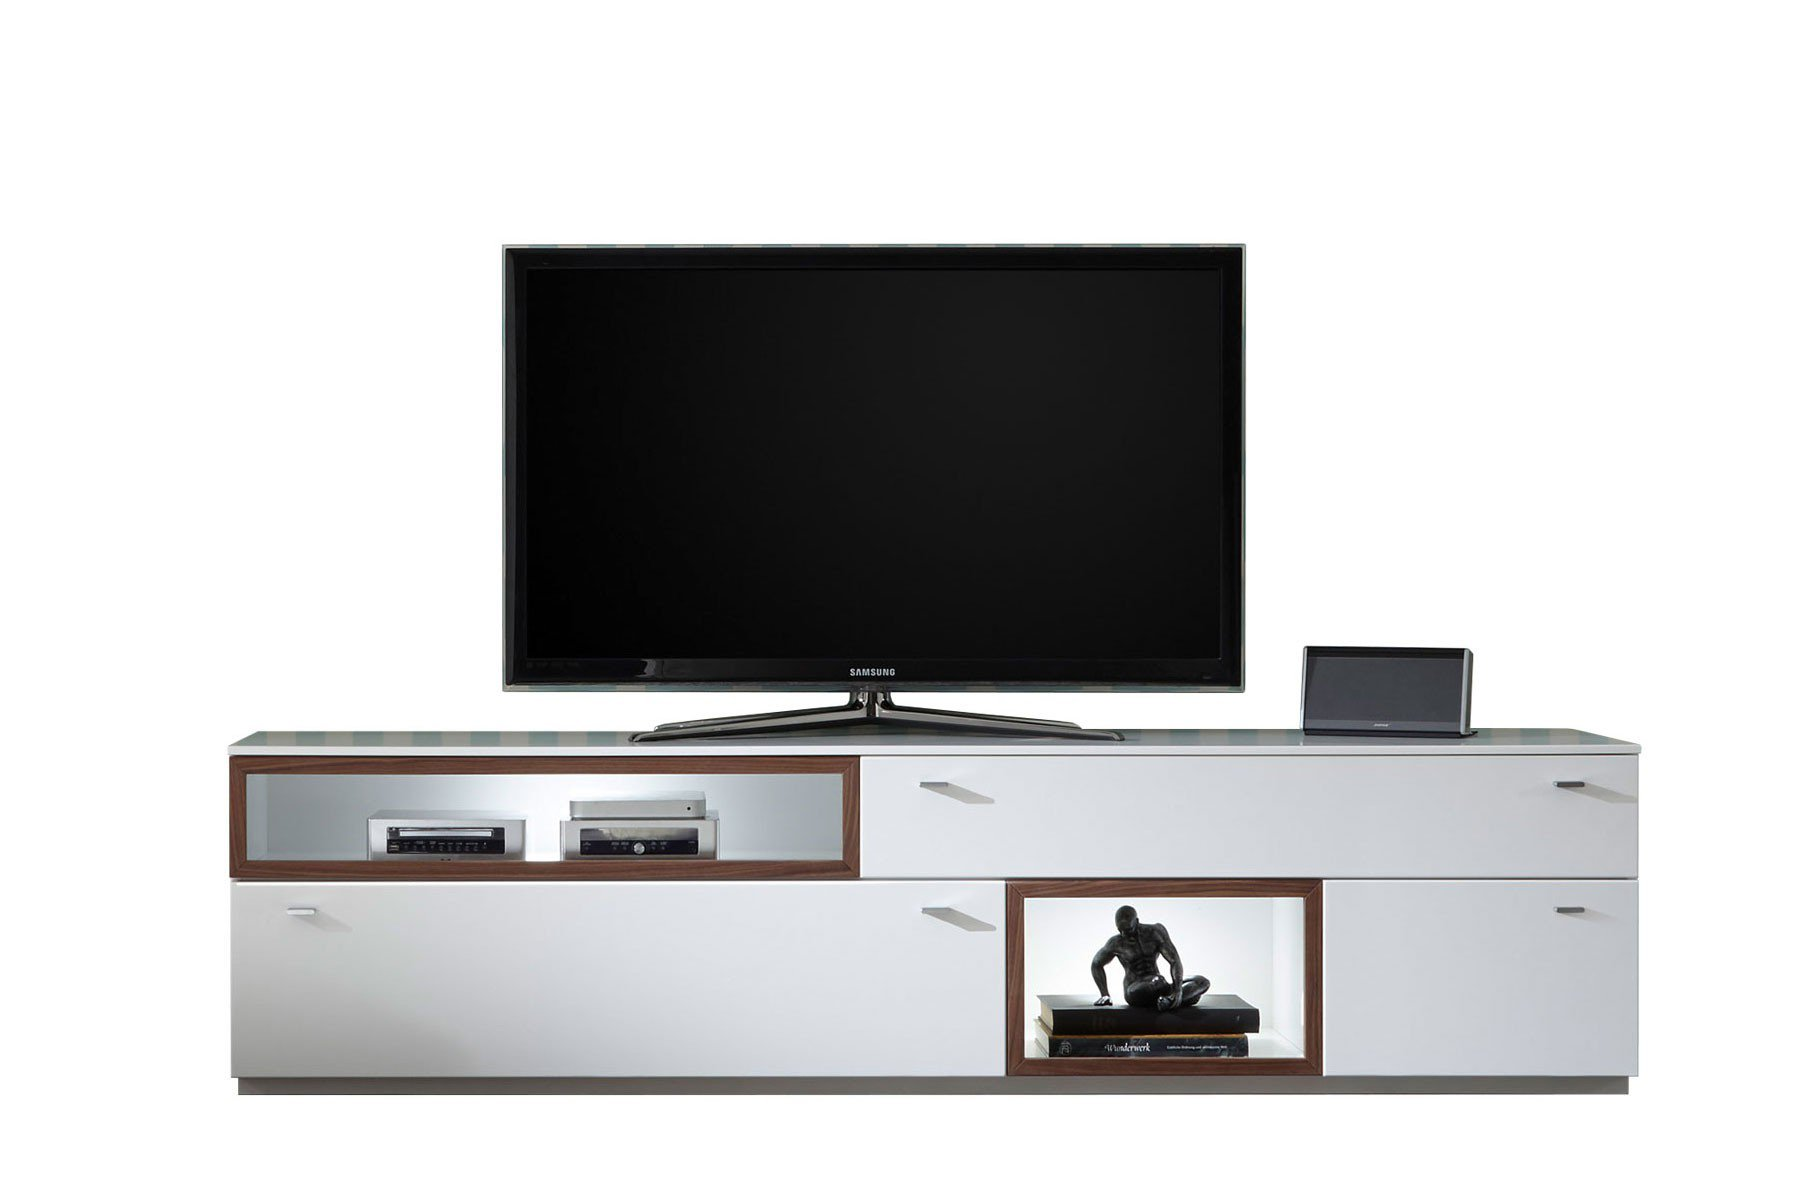 quadrato lowboard milano wei nussbaum m bel letz ihr online shop. Black Bedroom Furniture Sets. Home Design Ideas